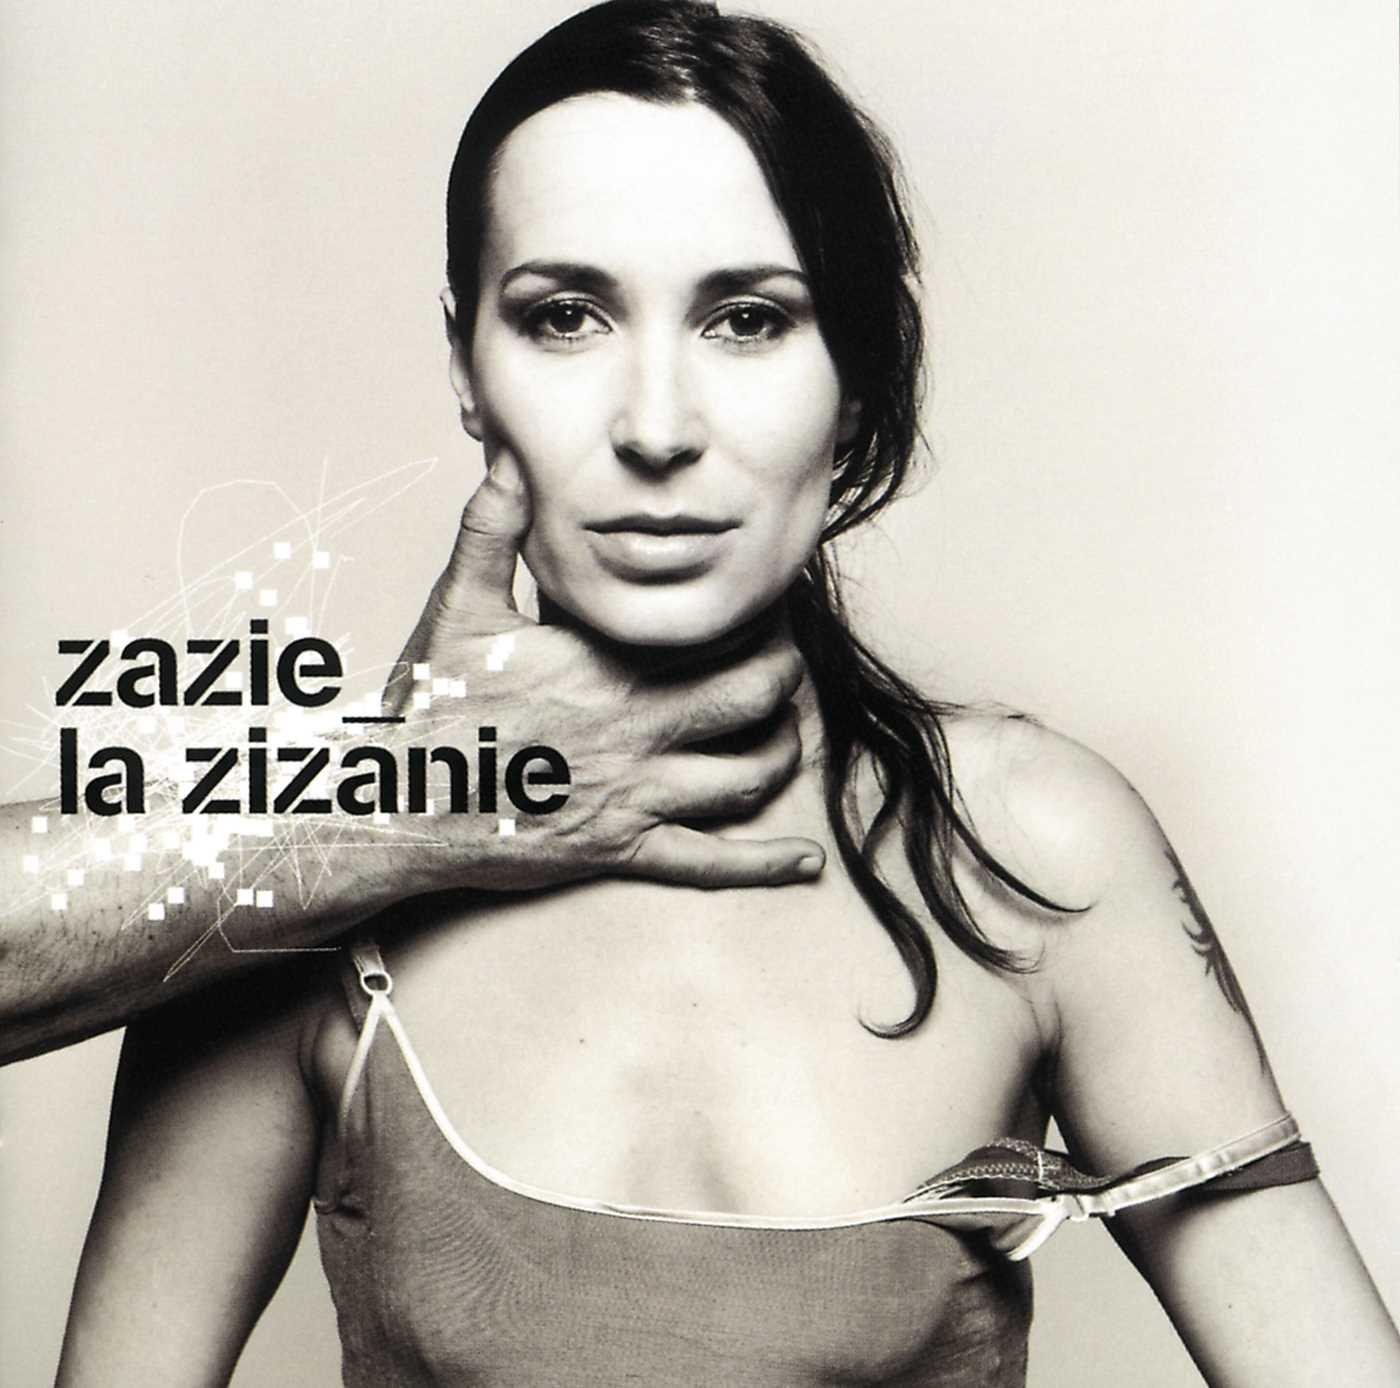 """Résultat de recherche d'images pour """"zazie la zizanie"""""""